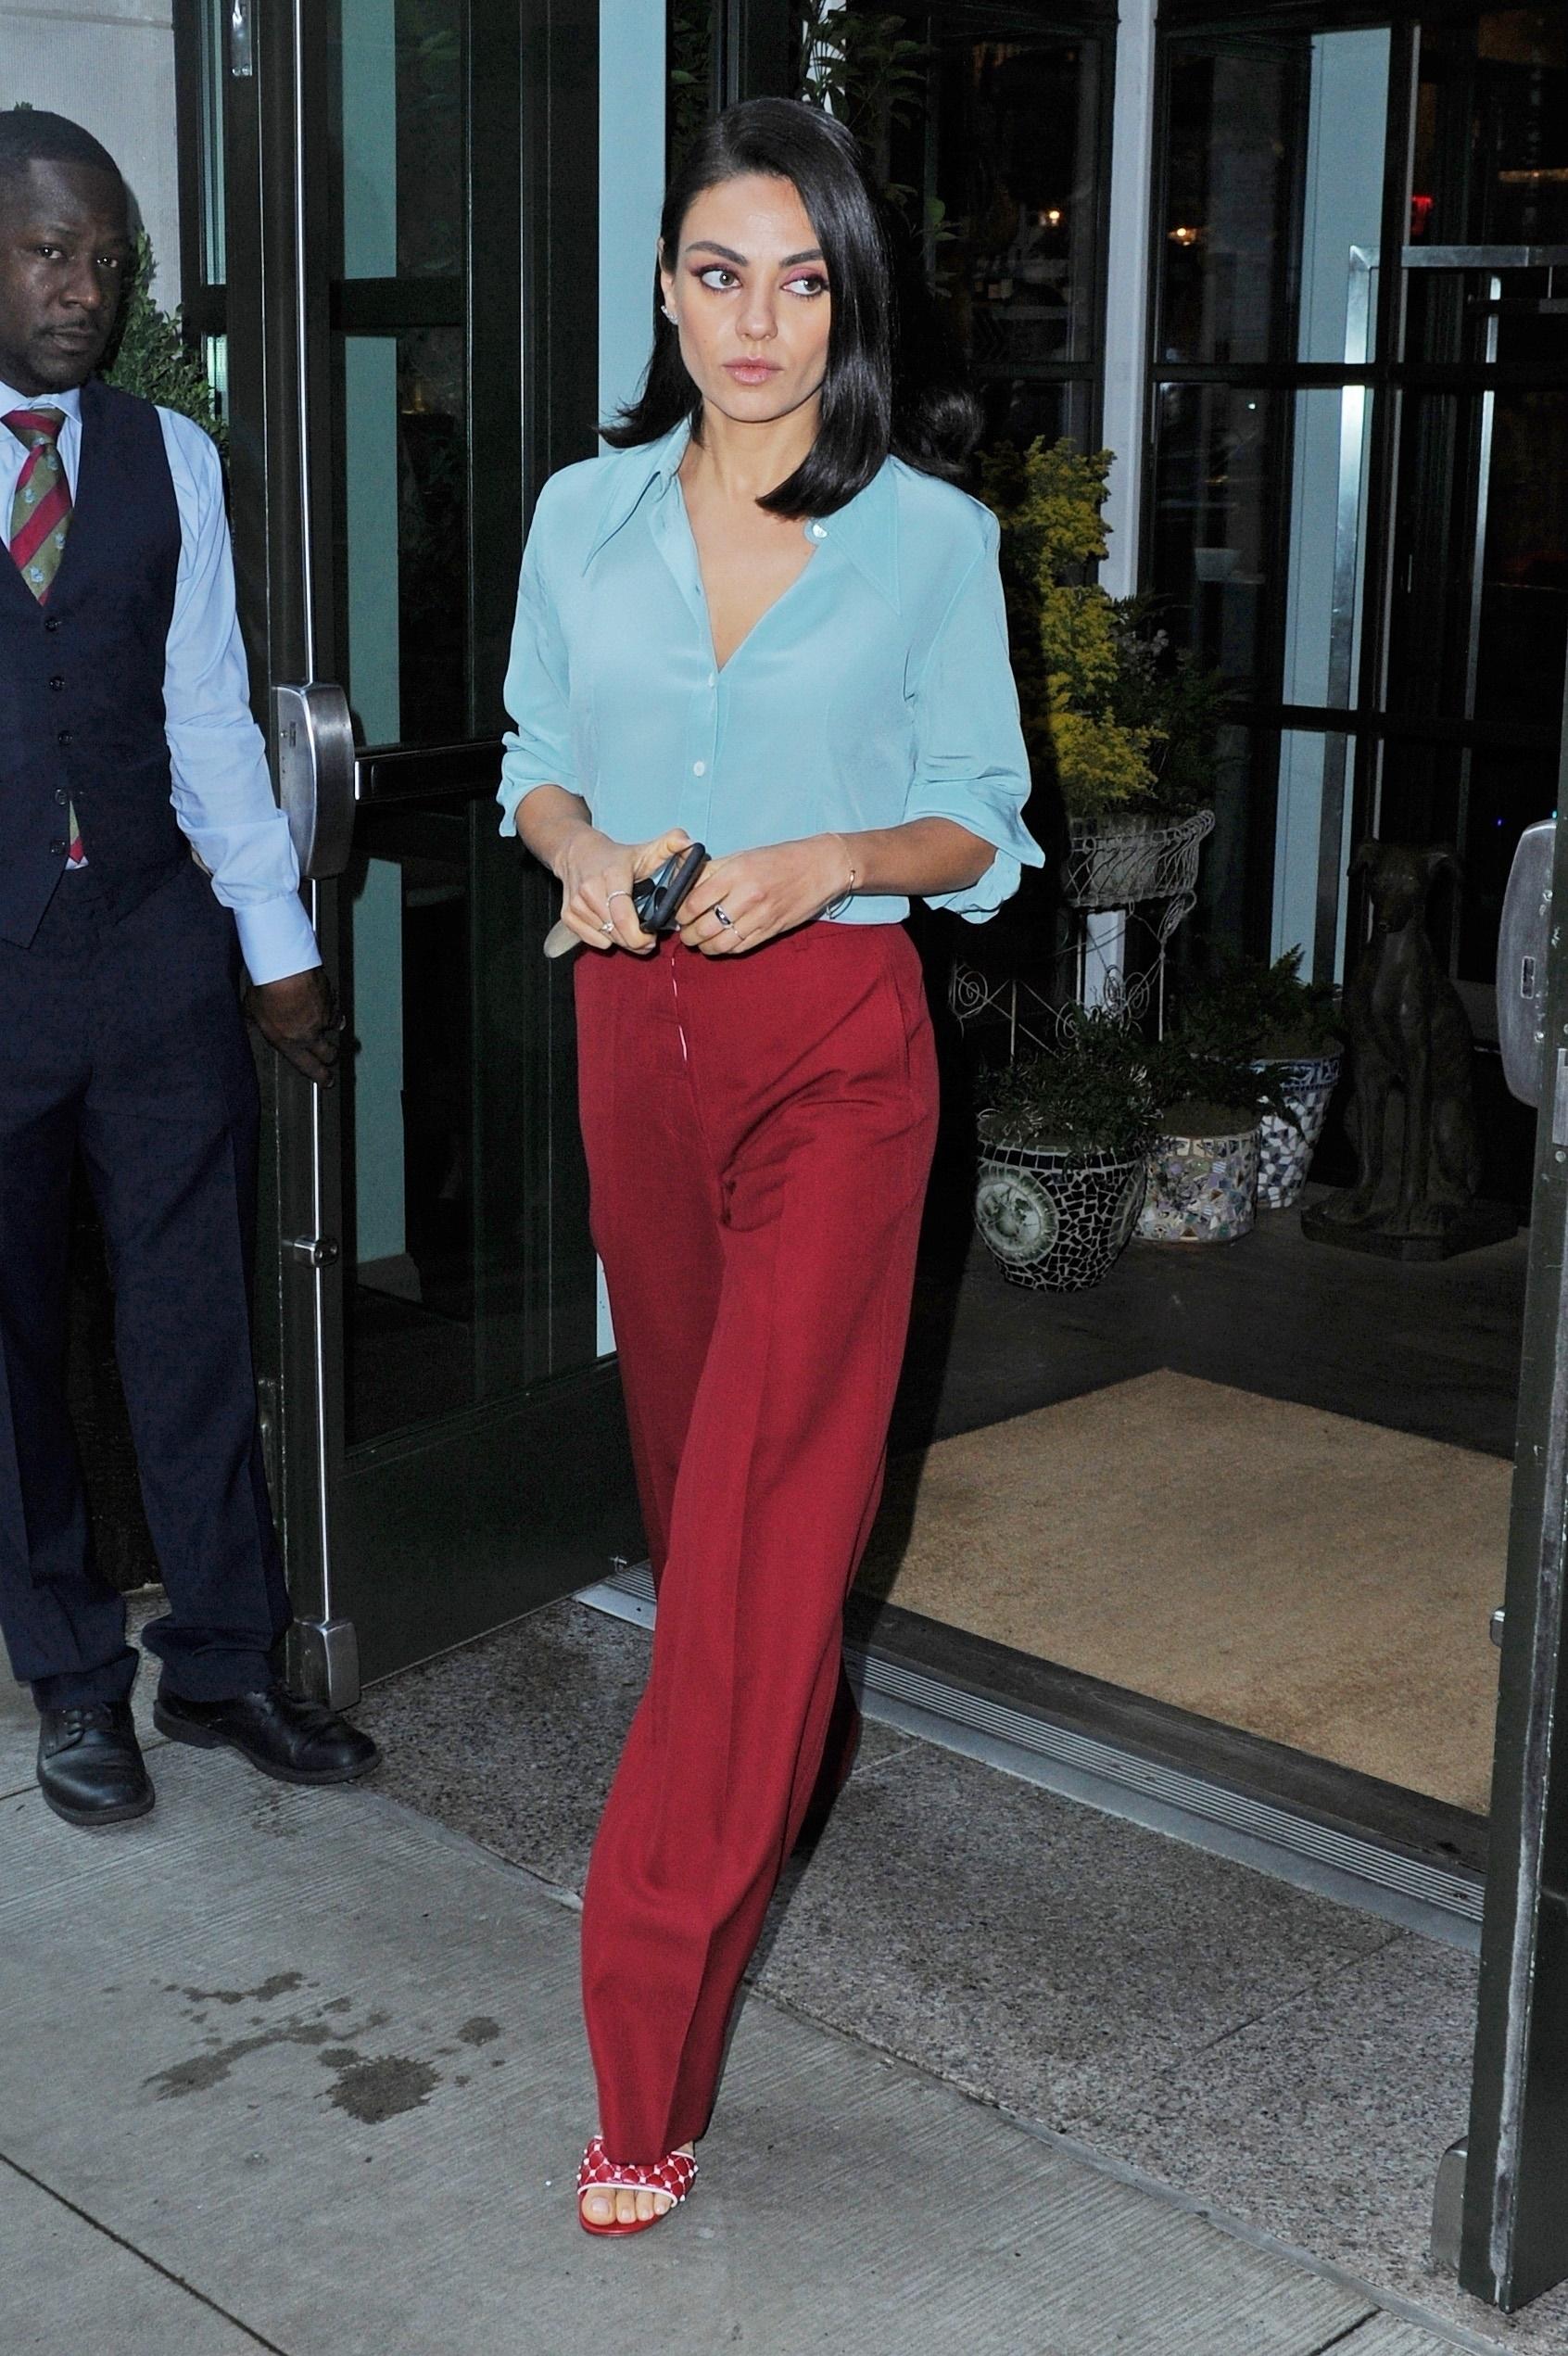 Mila Kunis, looks